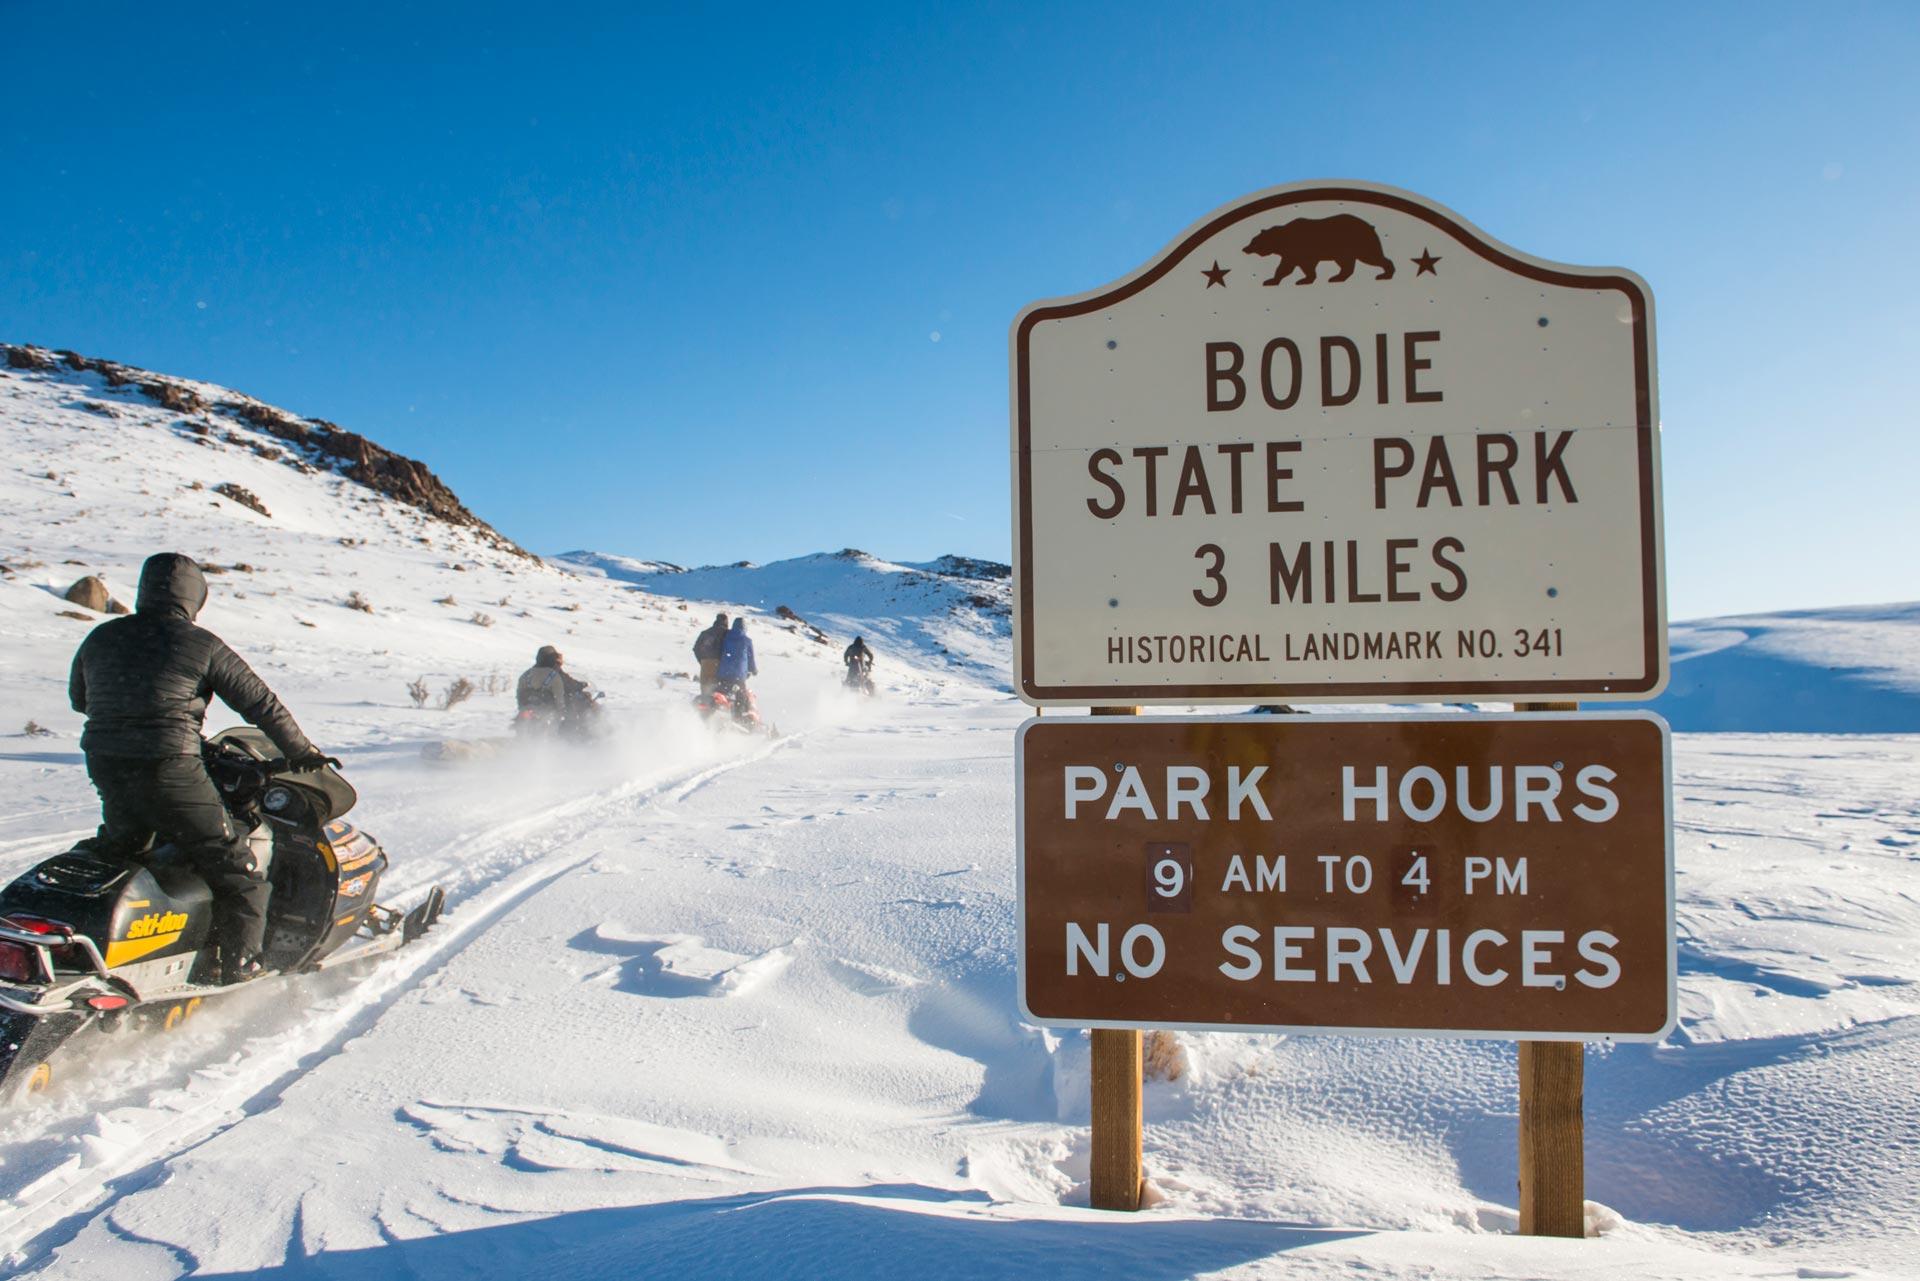 Gute 20 Kilometer musste das gesamte Team insgesamt bis zu der Geisterstadt auf Schneemobilen zurücklegen - Foto: Red Bull Content Pool